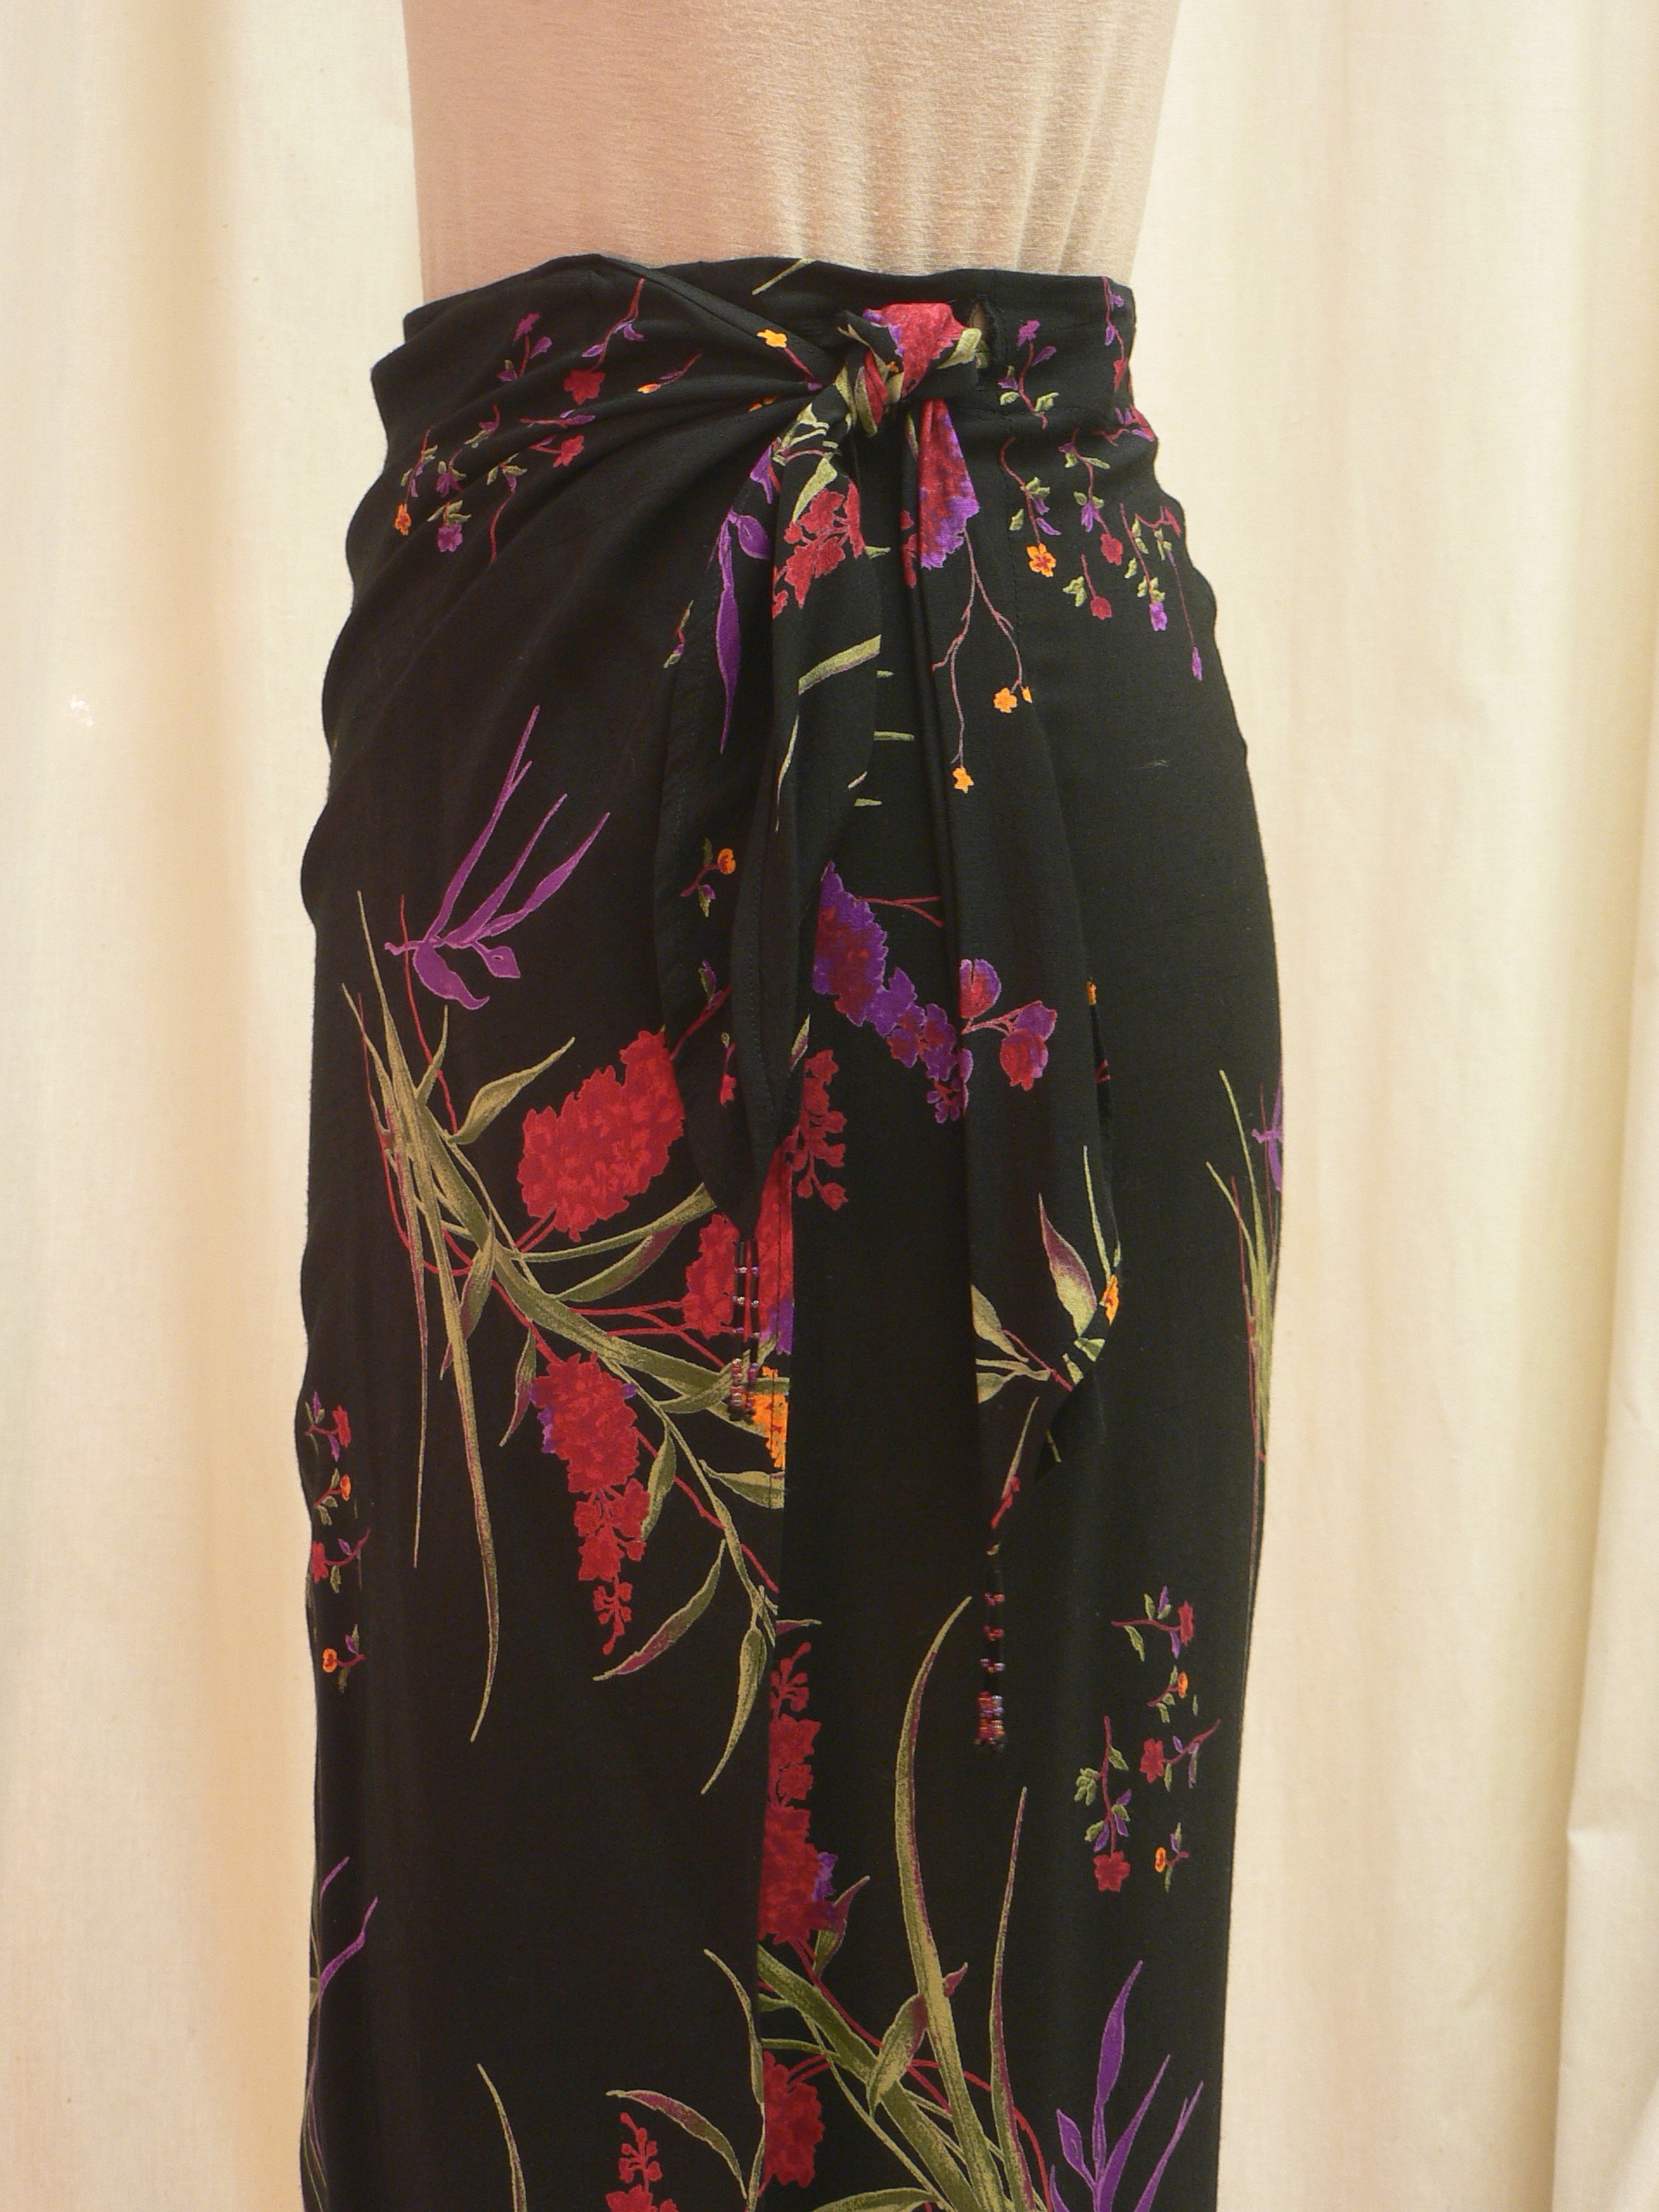 skirt03_side_detail.JPG